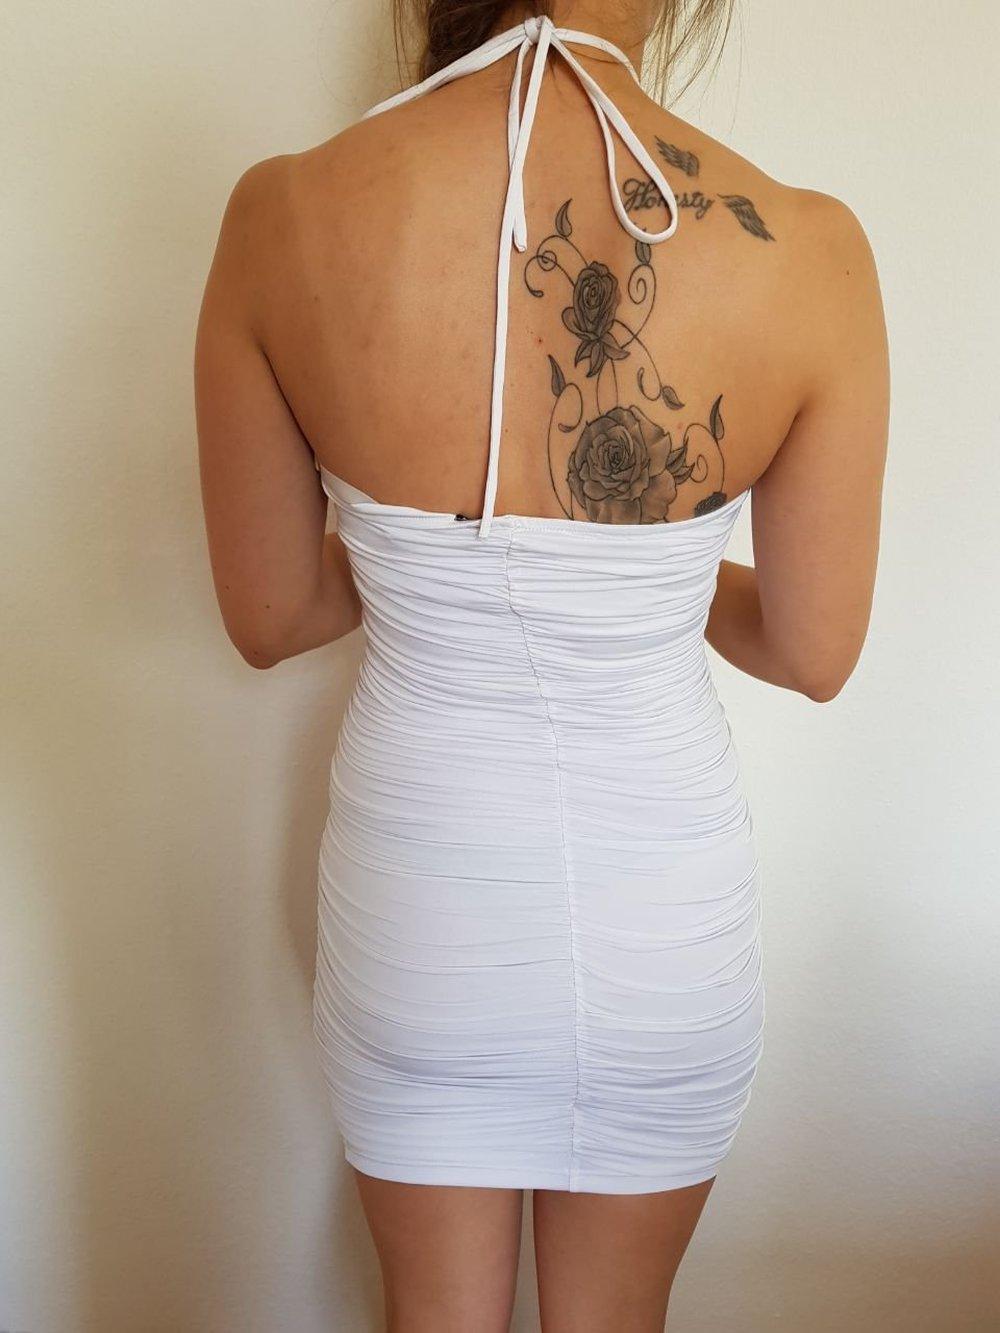 lowest price 2b45c bef2a Weißes Kleid schulterfrei